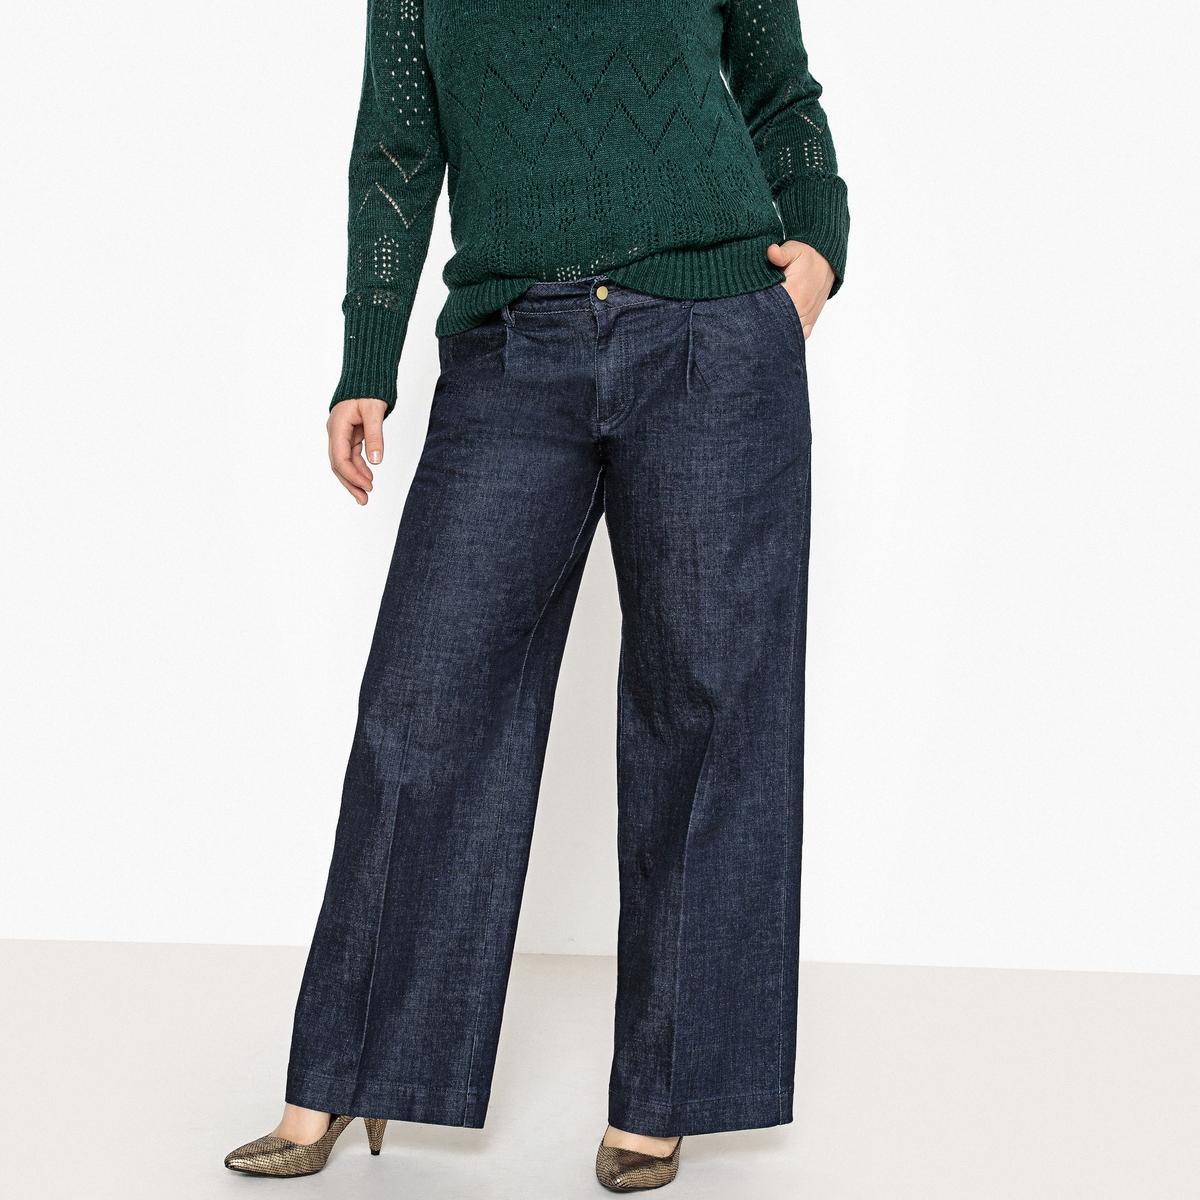 Джинсы La Redoute Широкие 42 (FR) - 48 (RUS) синий брюки la redoute веретенообразные из струящейся ткани 48 fr 54 rus синий